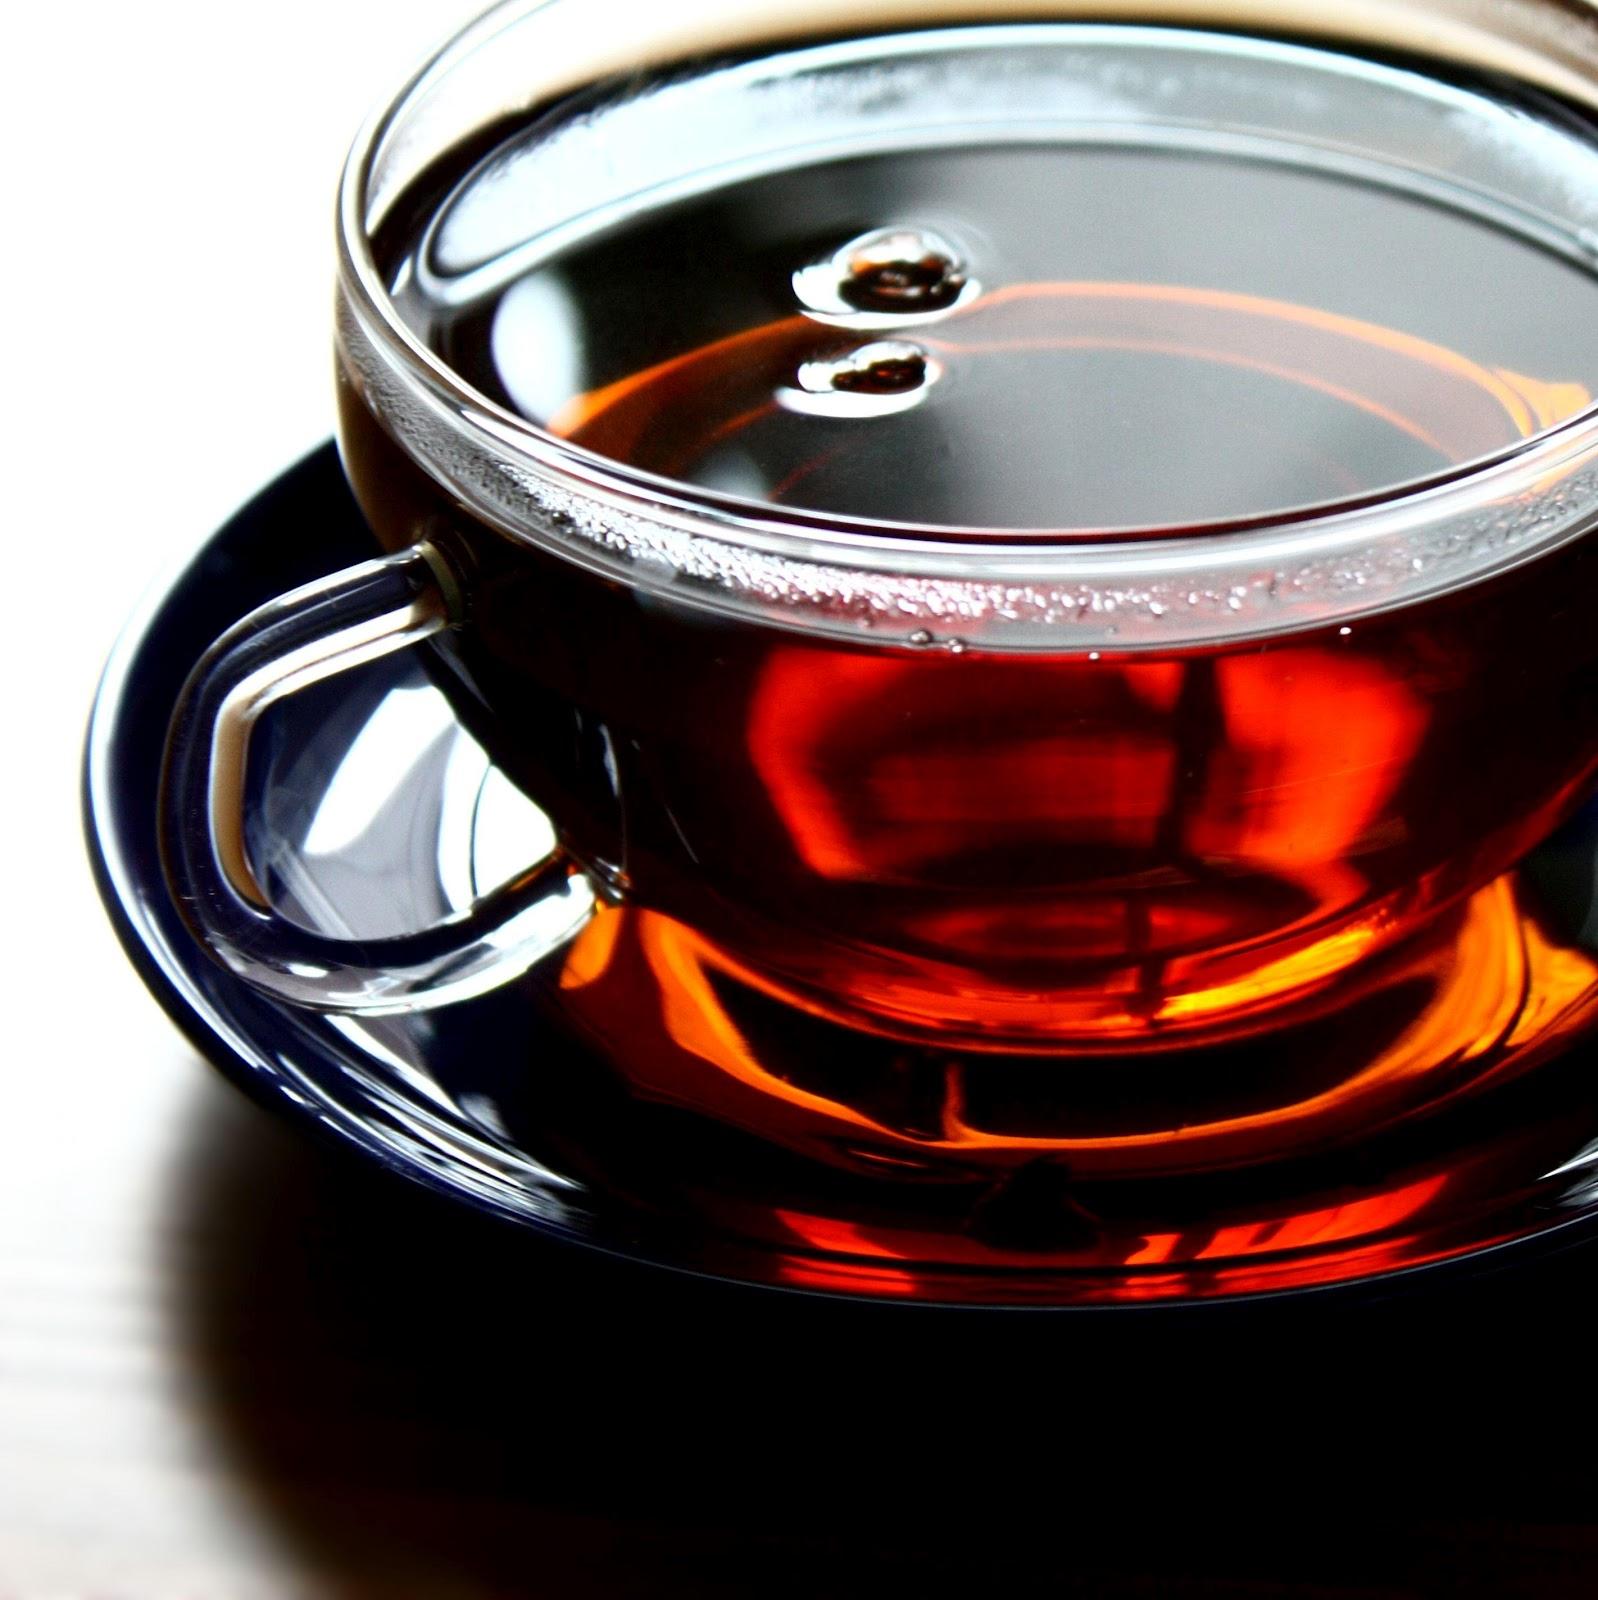 Yemek Arkasından Çay İçmek Zararlı Mıdır?